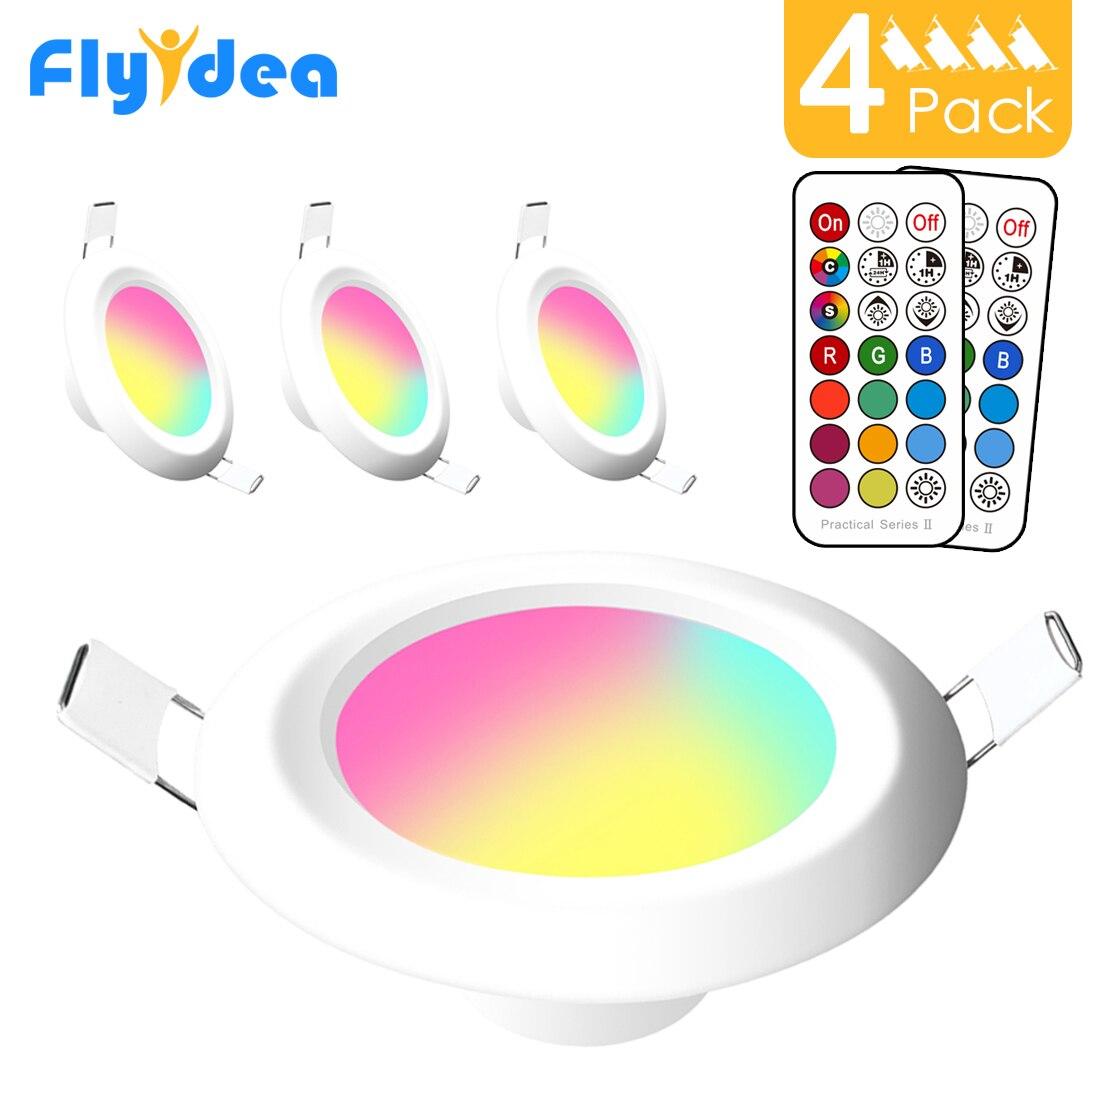 Led downlight 라운드 여러 가지 빛깔의 dimmable 7 w rgbw led 아이 천장 recessed 스포트 라이트 적외선 컨트롤러 색상 변경 110 v/220 v